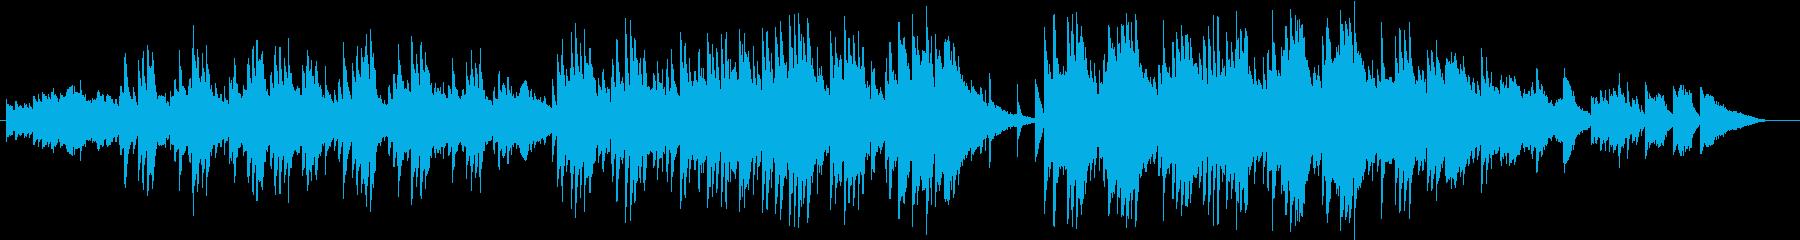 喪失感を誘うようなシリアスな曲の再生済みの波形